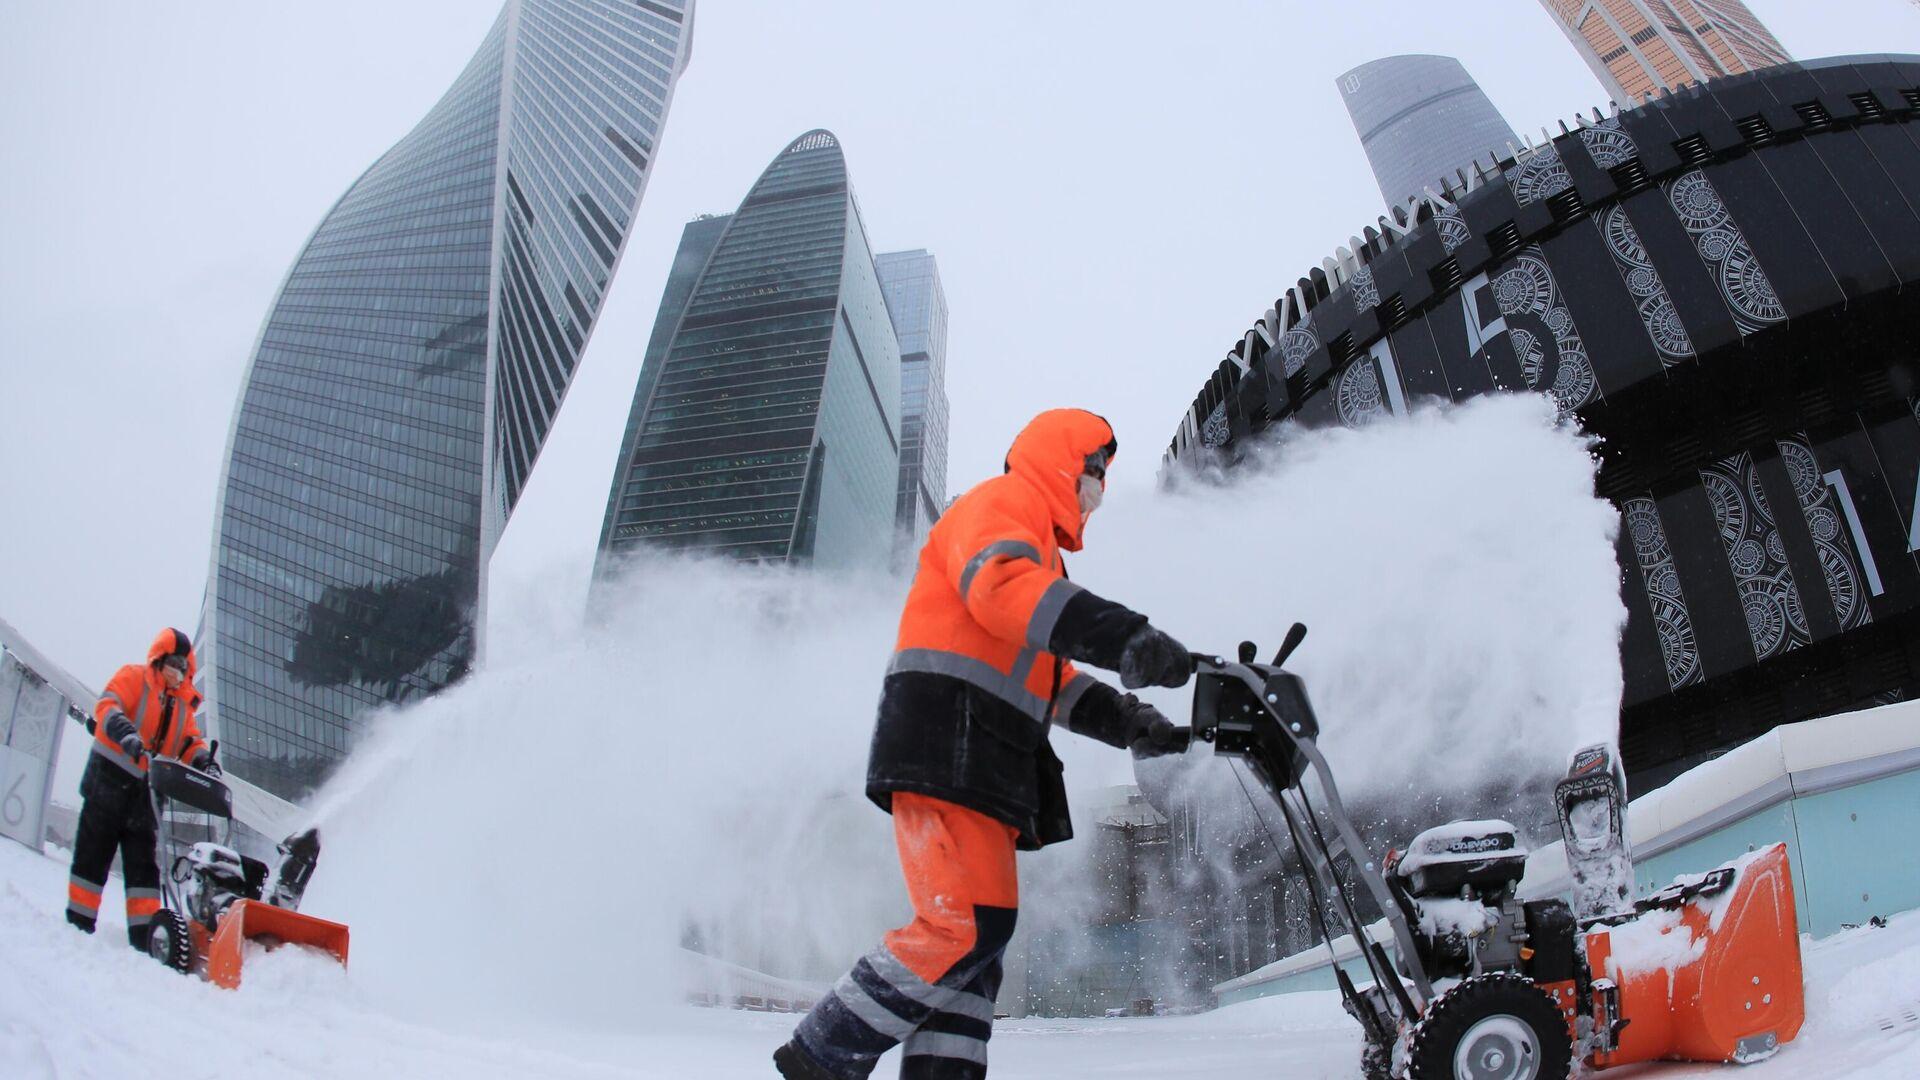 Ученые выяснили причину экстремальной зимней погоды в Северном полушарии